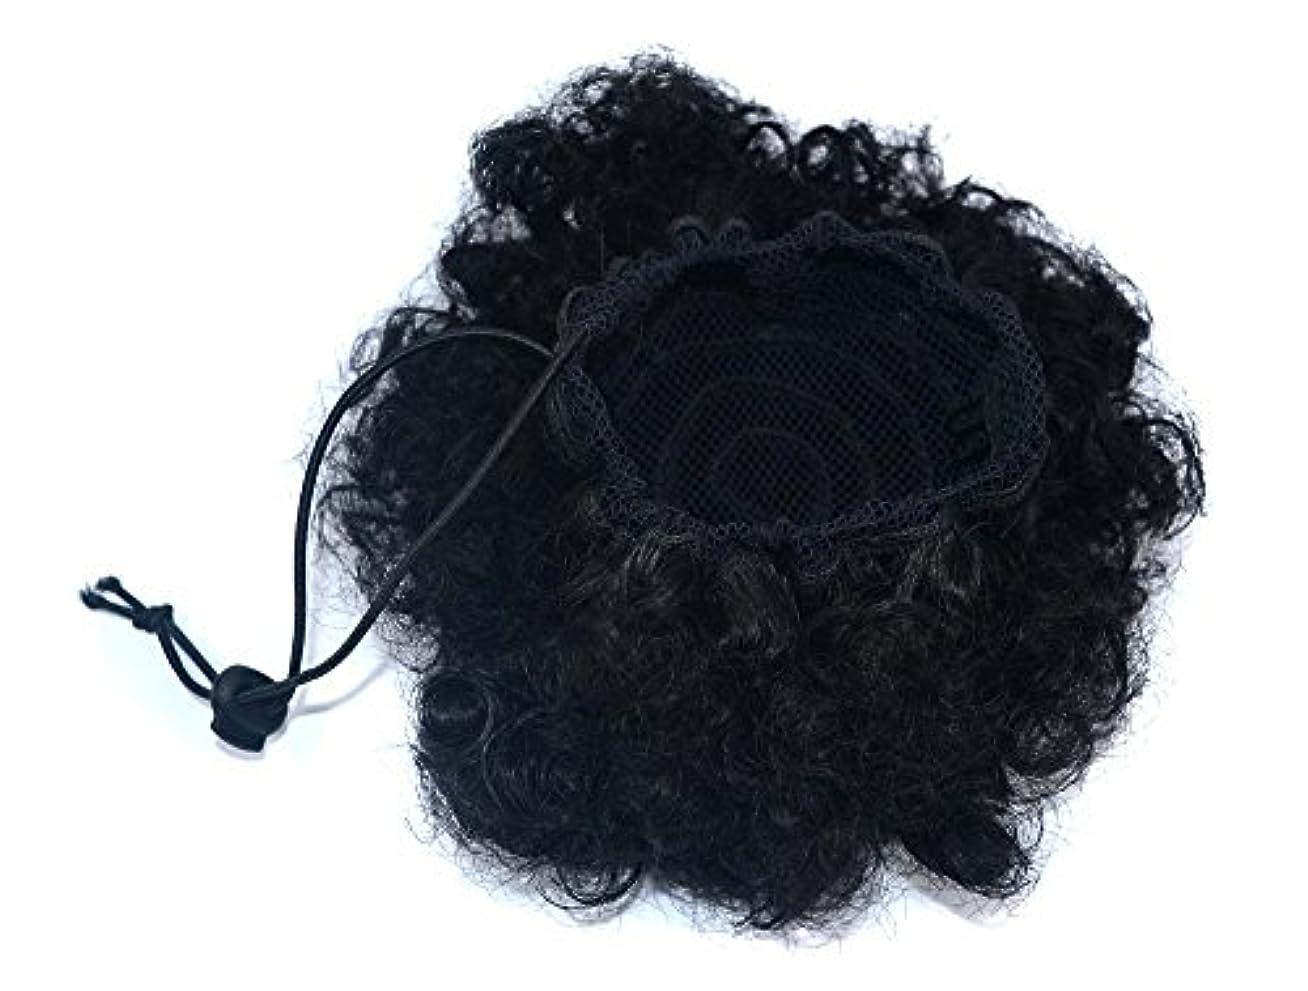 宅配便薄汚い里親YOUQIU 女性おだんごヘア用サイズの選択ウィッグ?ピースのカーリーヘアウィッグキャタピラーの爆発的なヘッドふわふわおだんごヘアエクステンション (色 : Black(s))